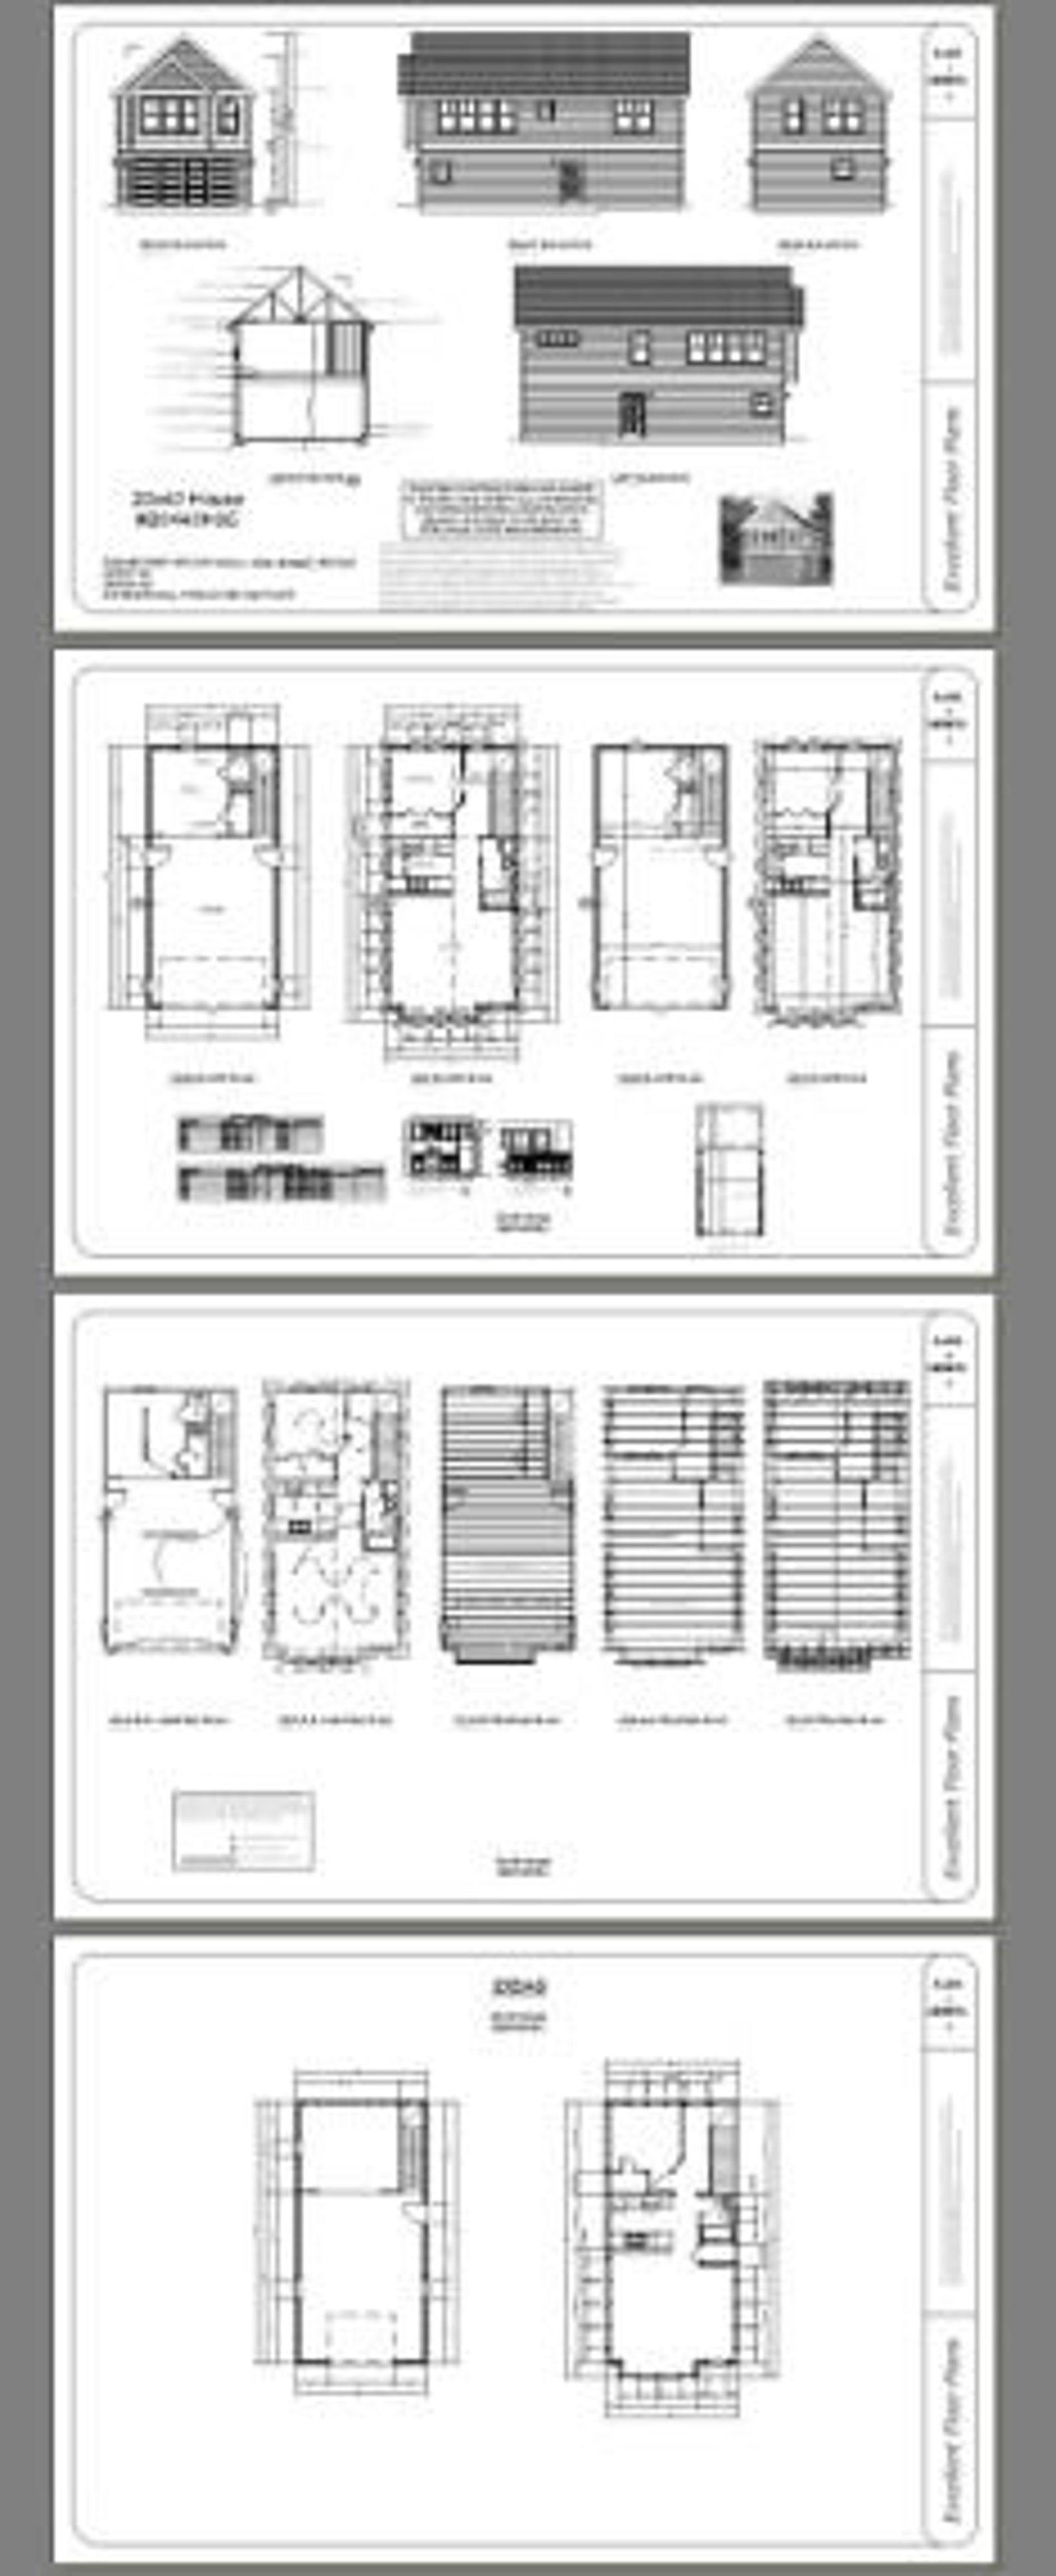 20x40 House 1 Bedroom 1 5 Bath 987 sq ft PDF Floor Plan Instant Download Model 8C